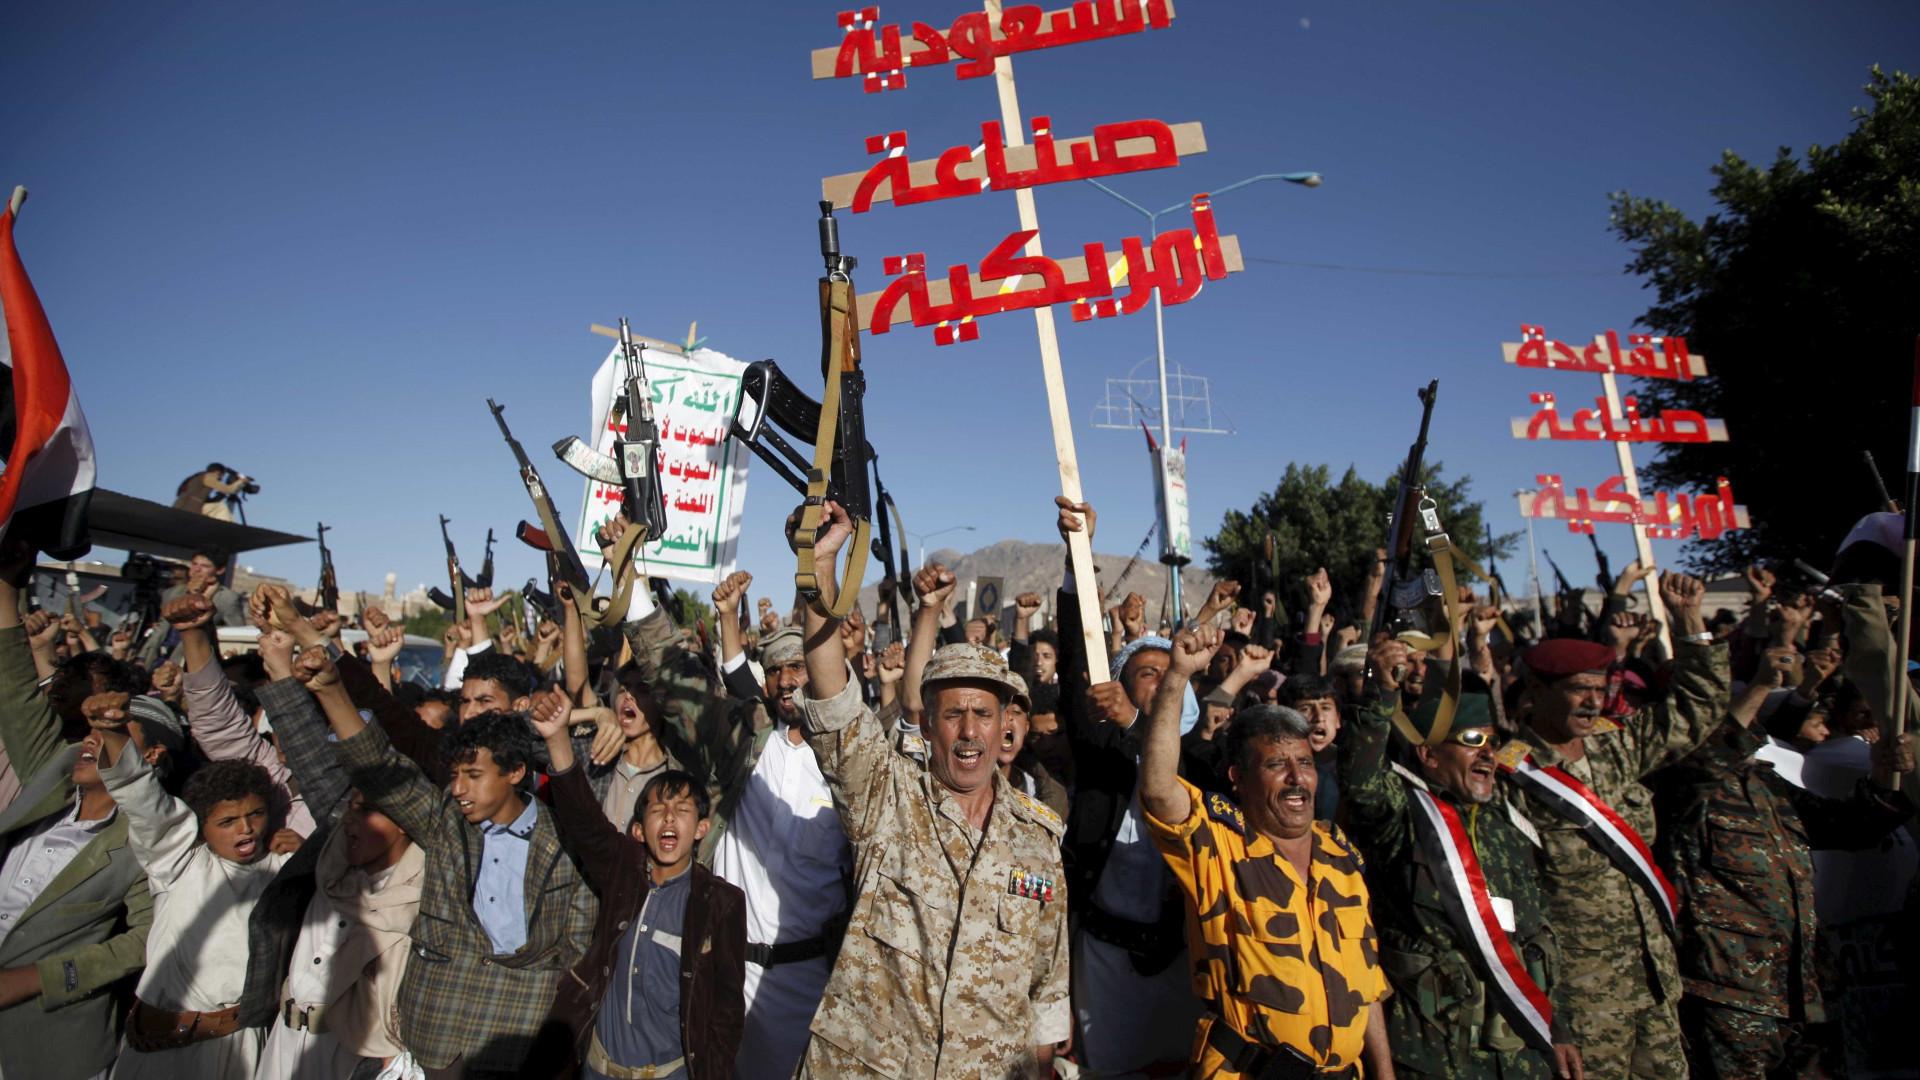 Partido confirma morte do antigo presidente do Iémen